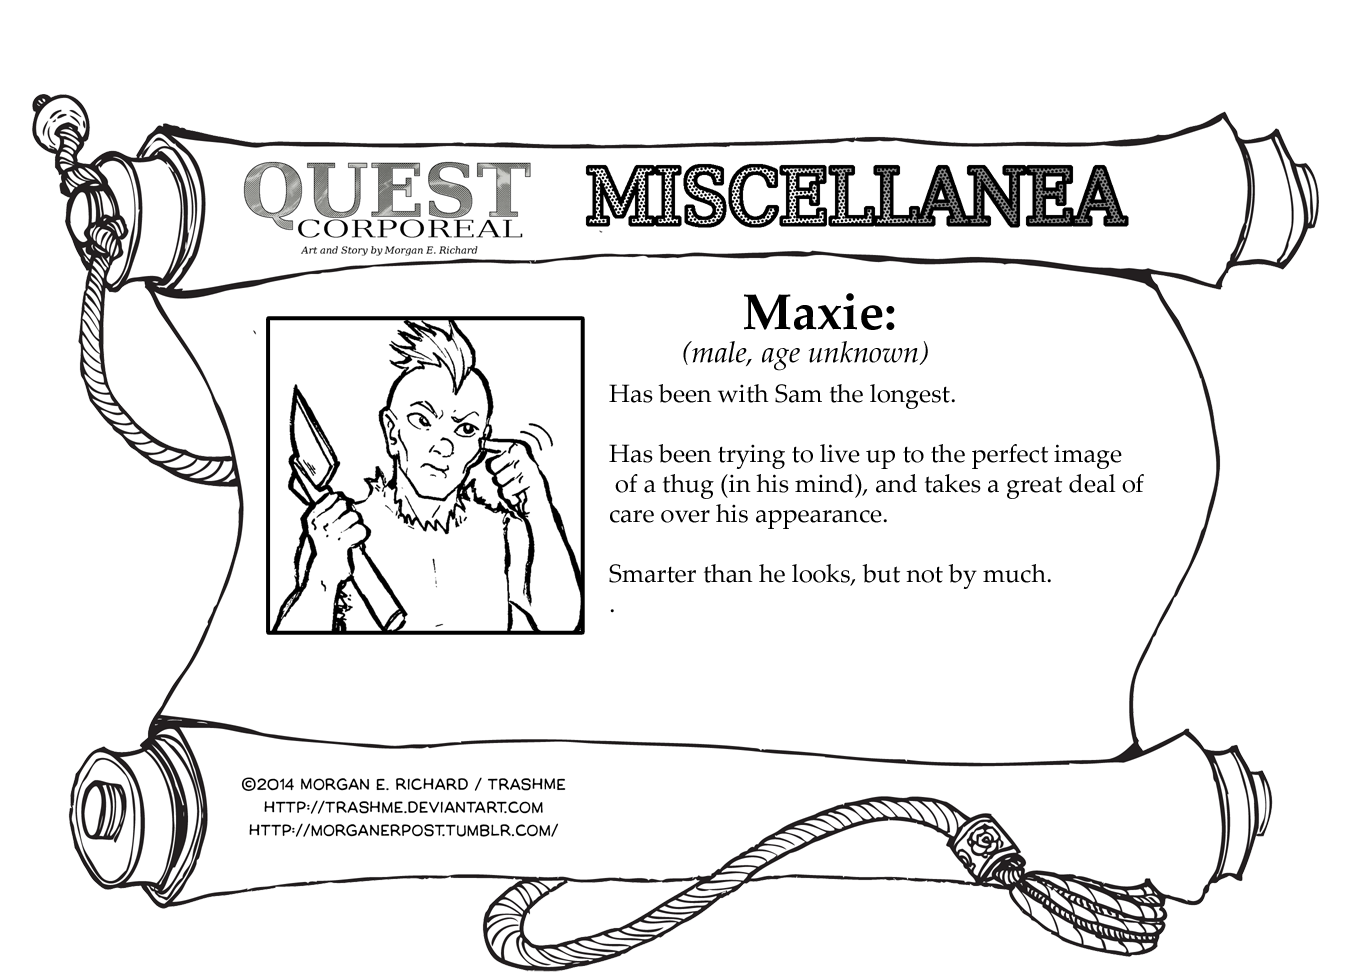 Miscellanea Corporeal: Maxie